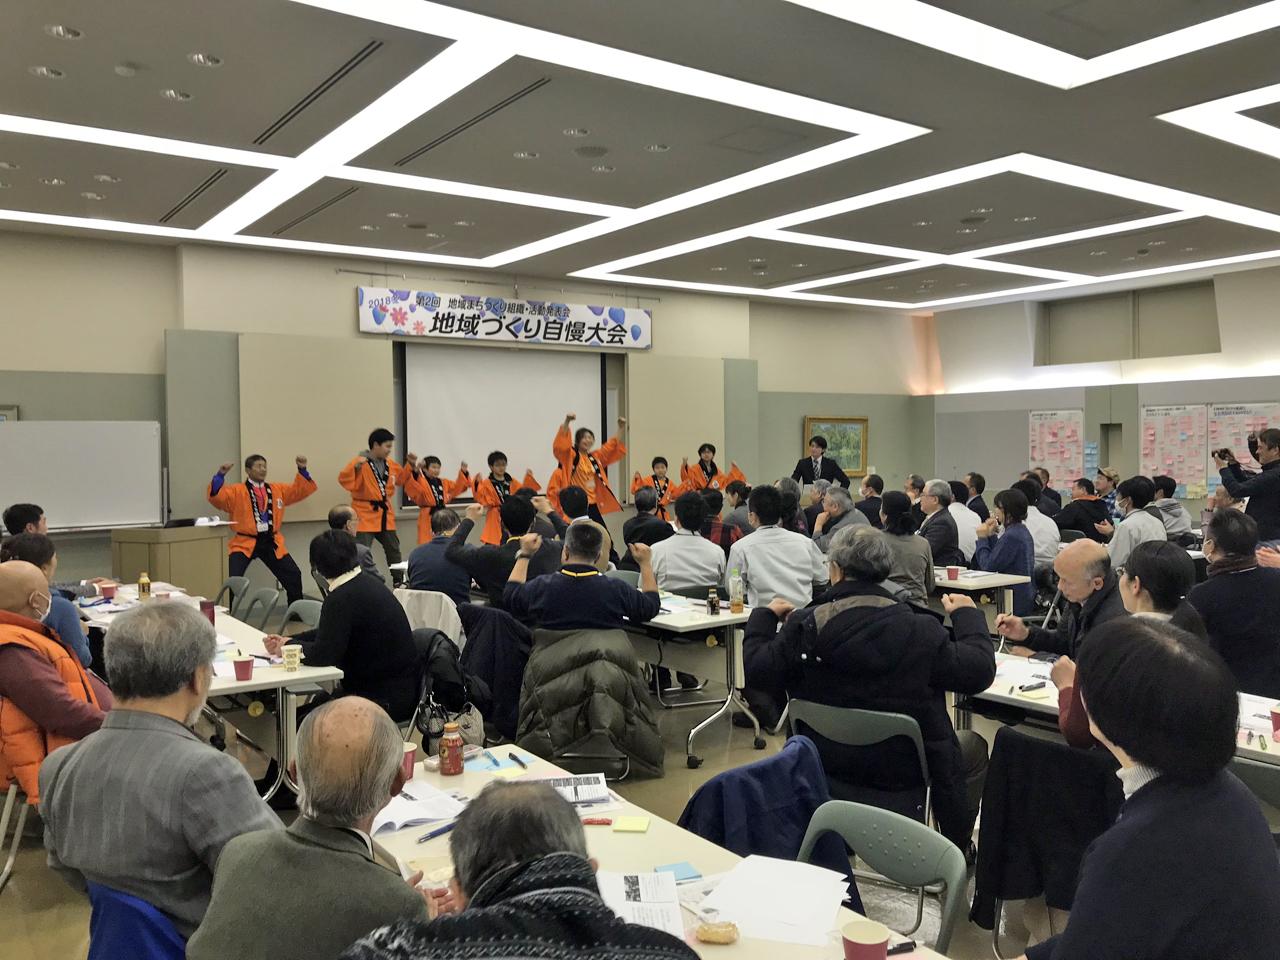 地域の取り組みを発表する自慢大会。ユニークなアイデアが飛び出す=2018年2月、新潟県村上市(都岐沙羅パートナーズセンター提供)